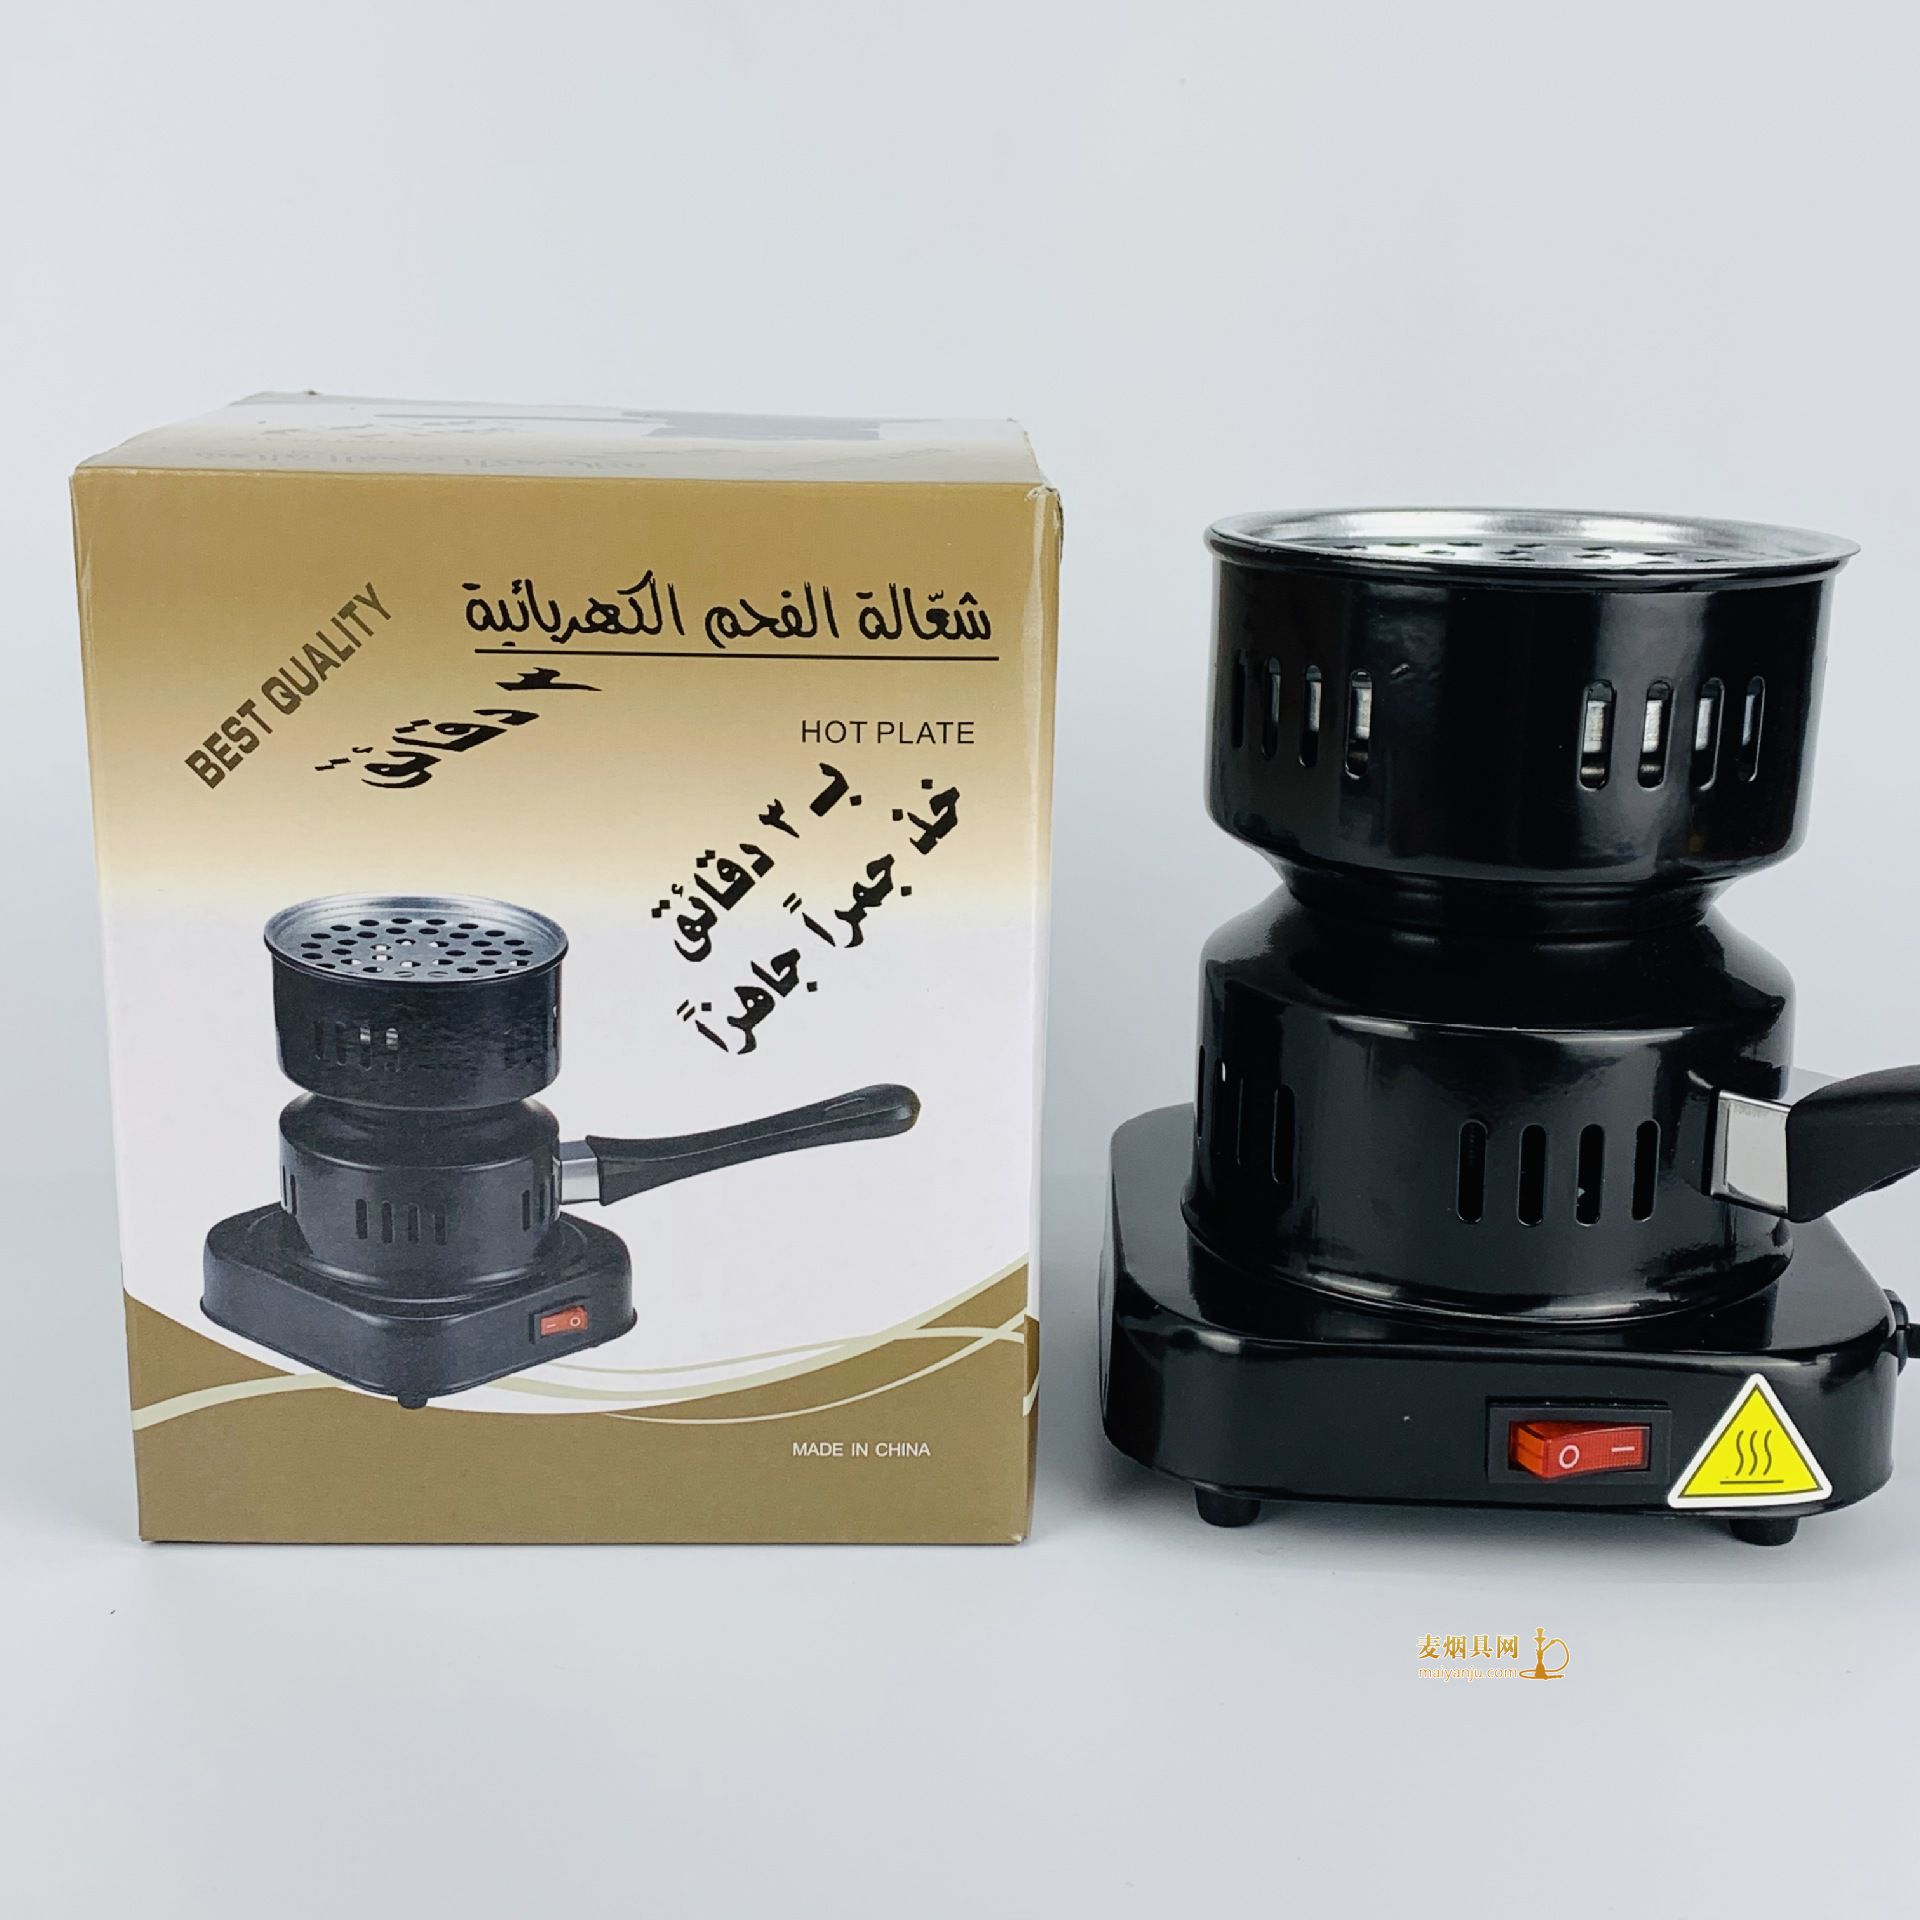 阿拉伯水烟碳炉子椰壳炭点碳炉子图片